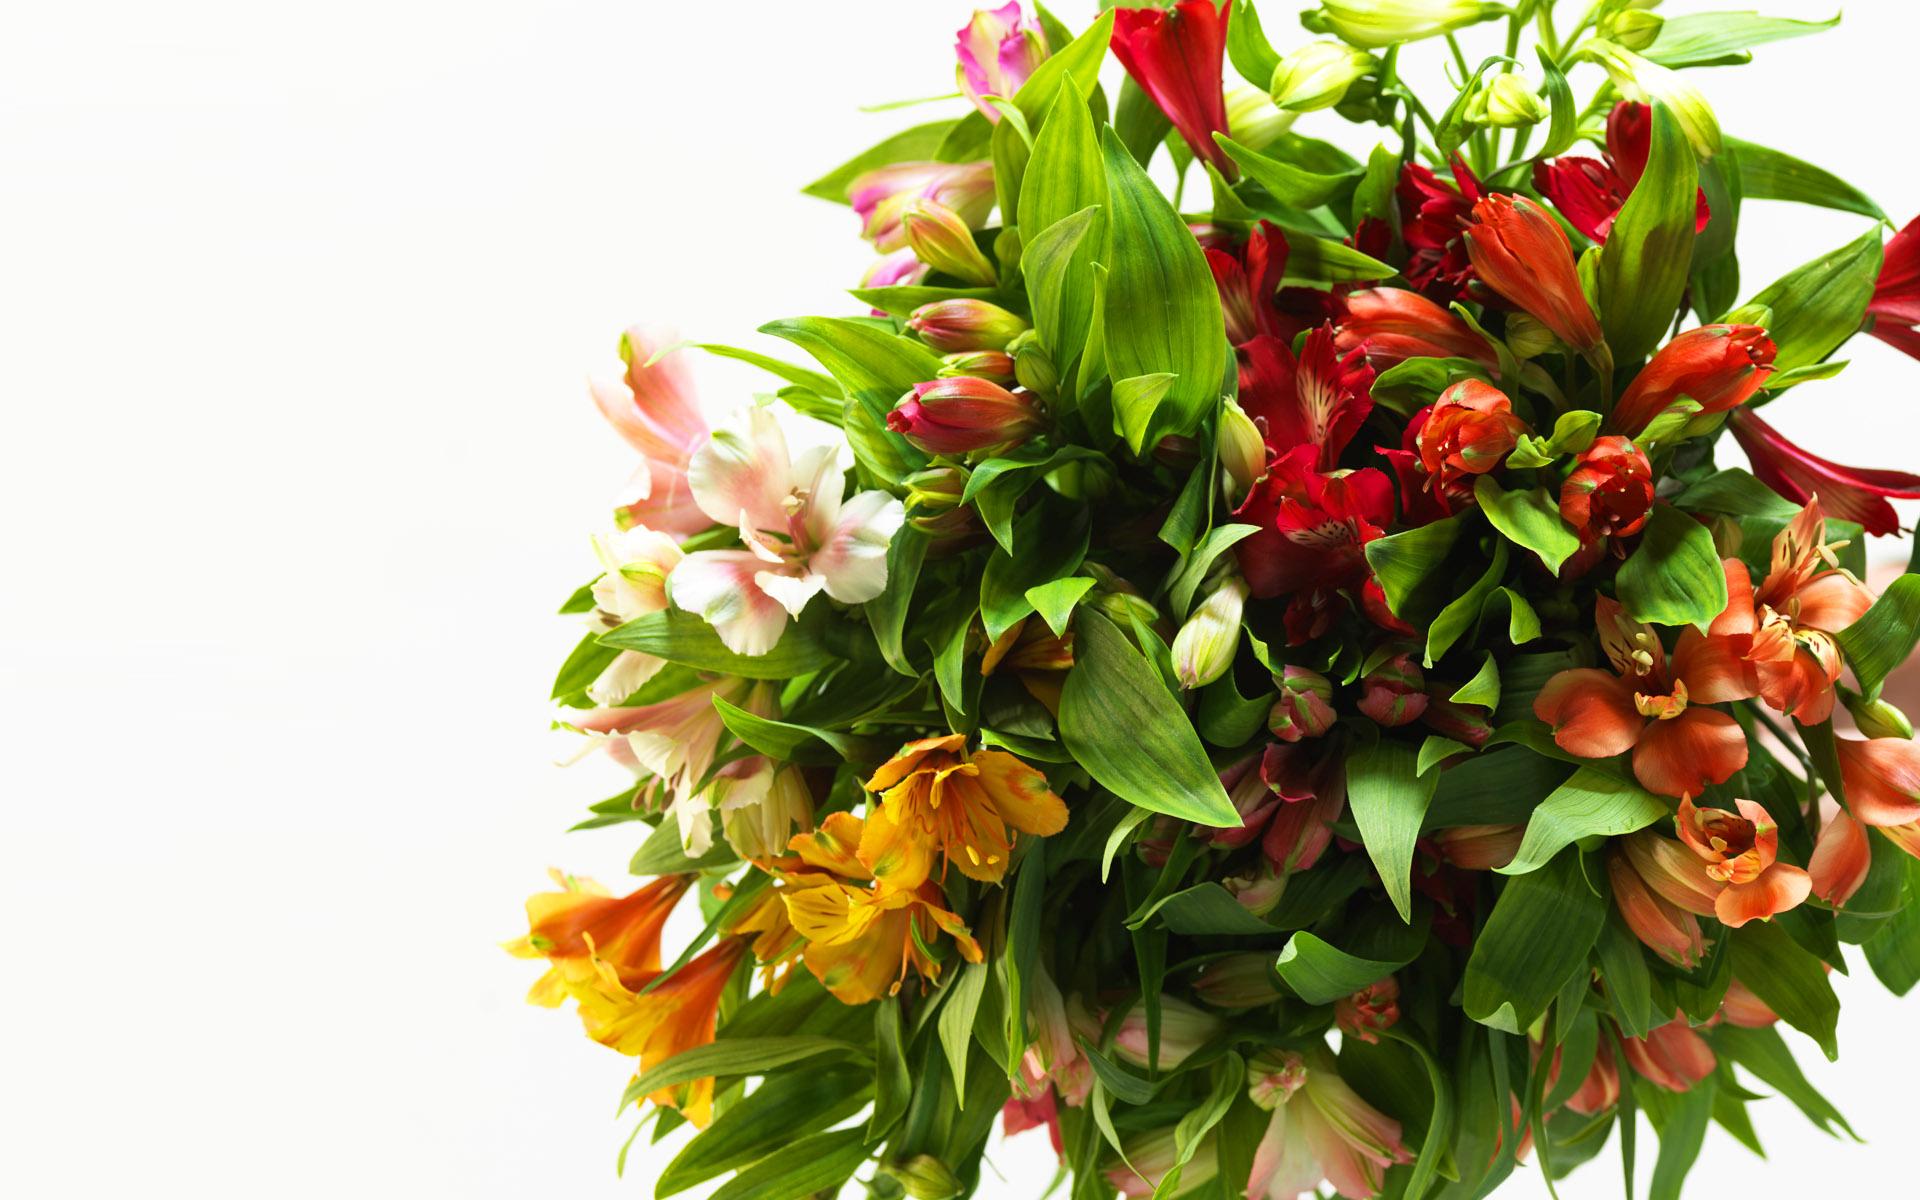 livraison de fleurs le dimanche l 39 atelier des fleurs. Black Bedroom Furniture Sets. Home Design Ideas